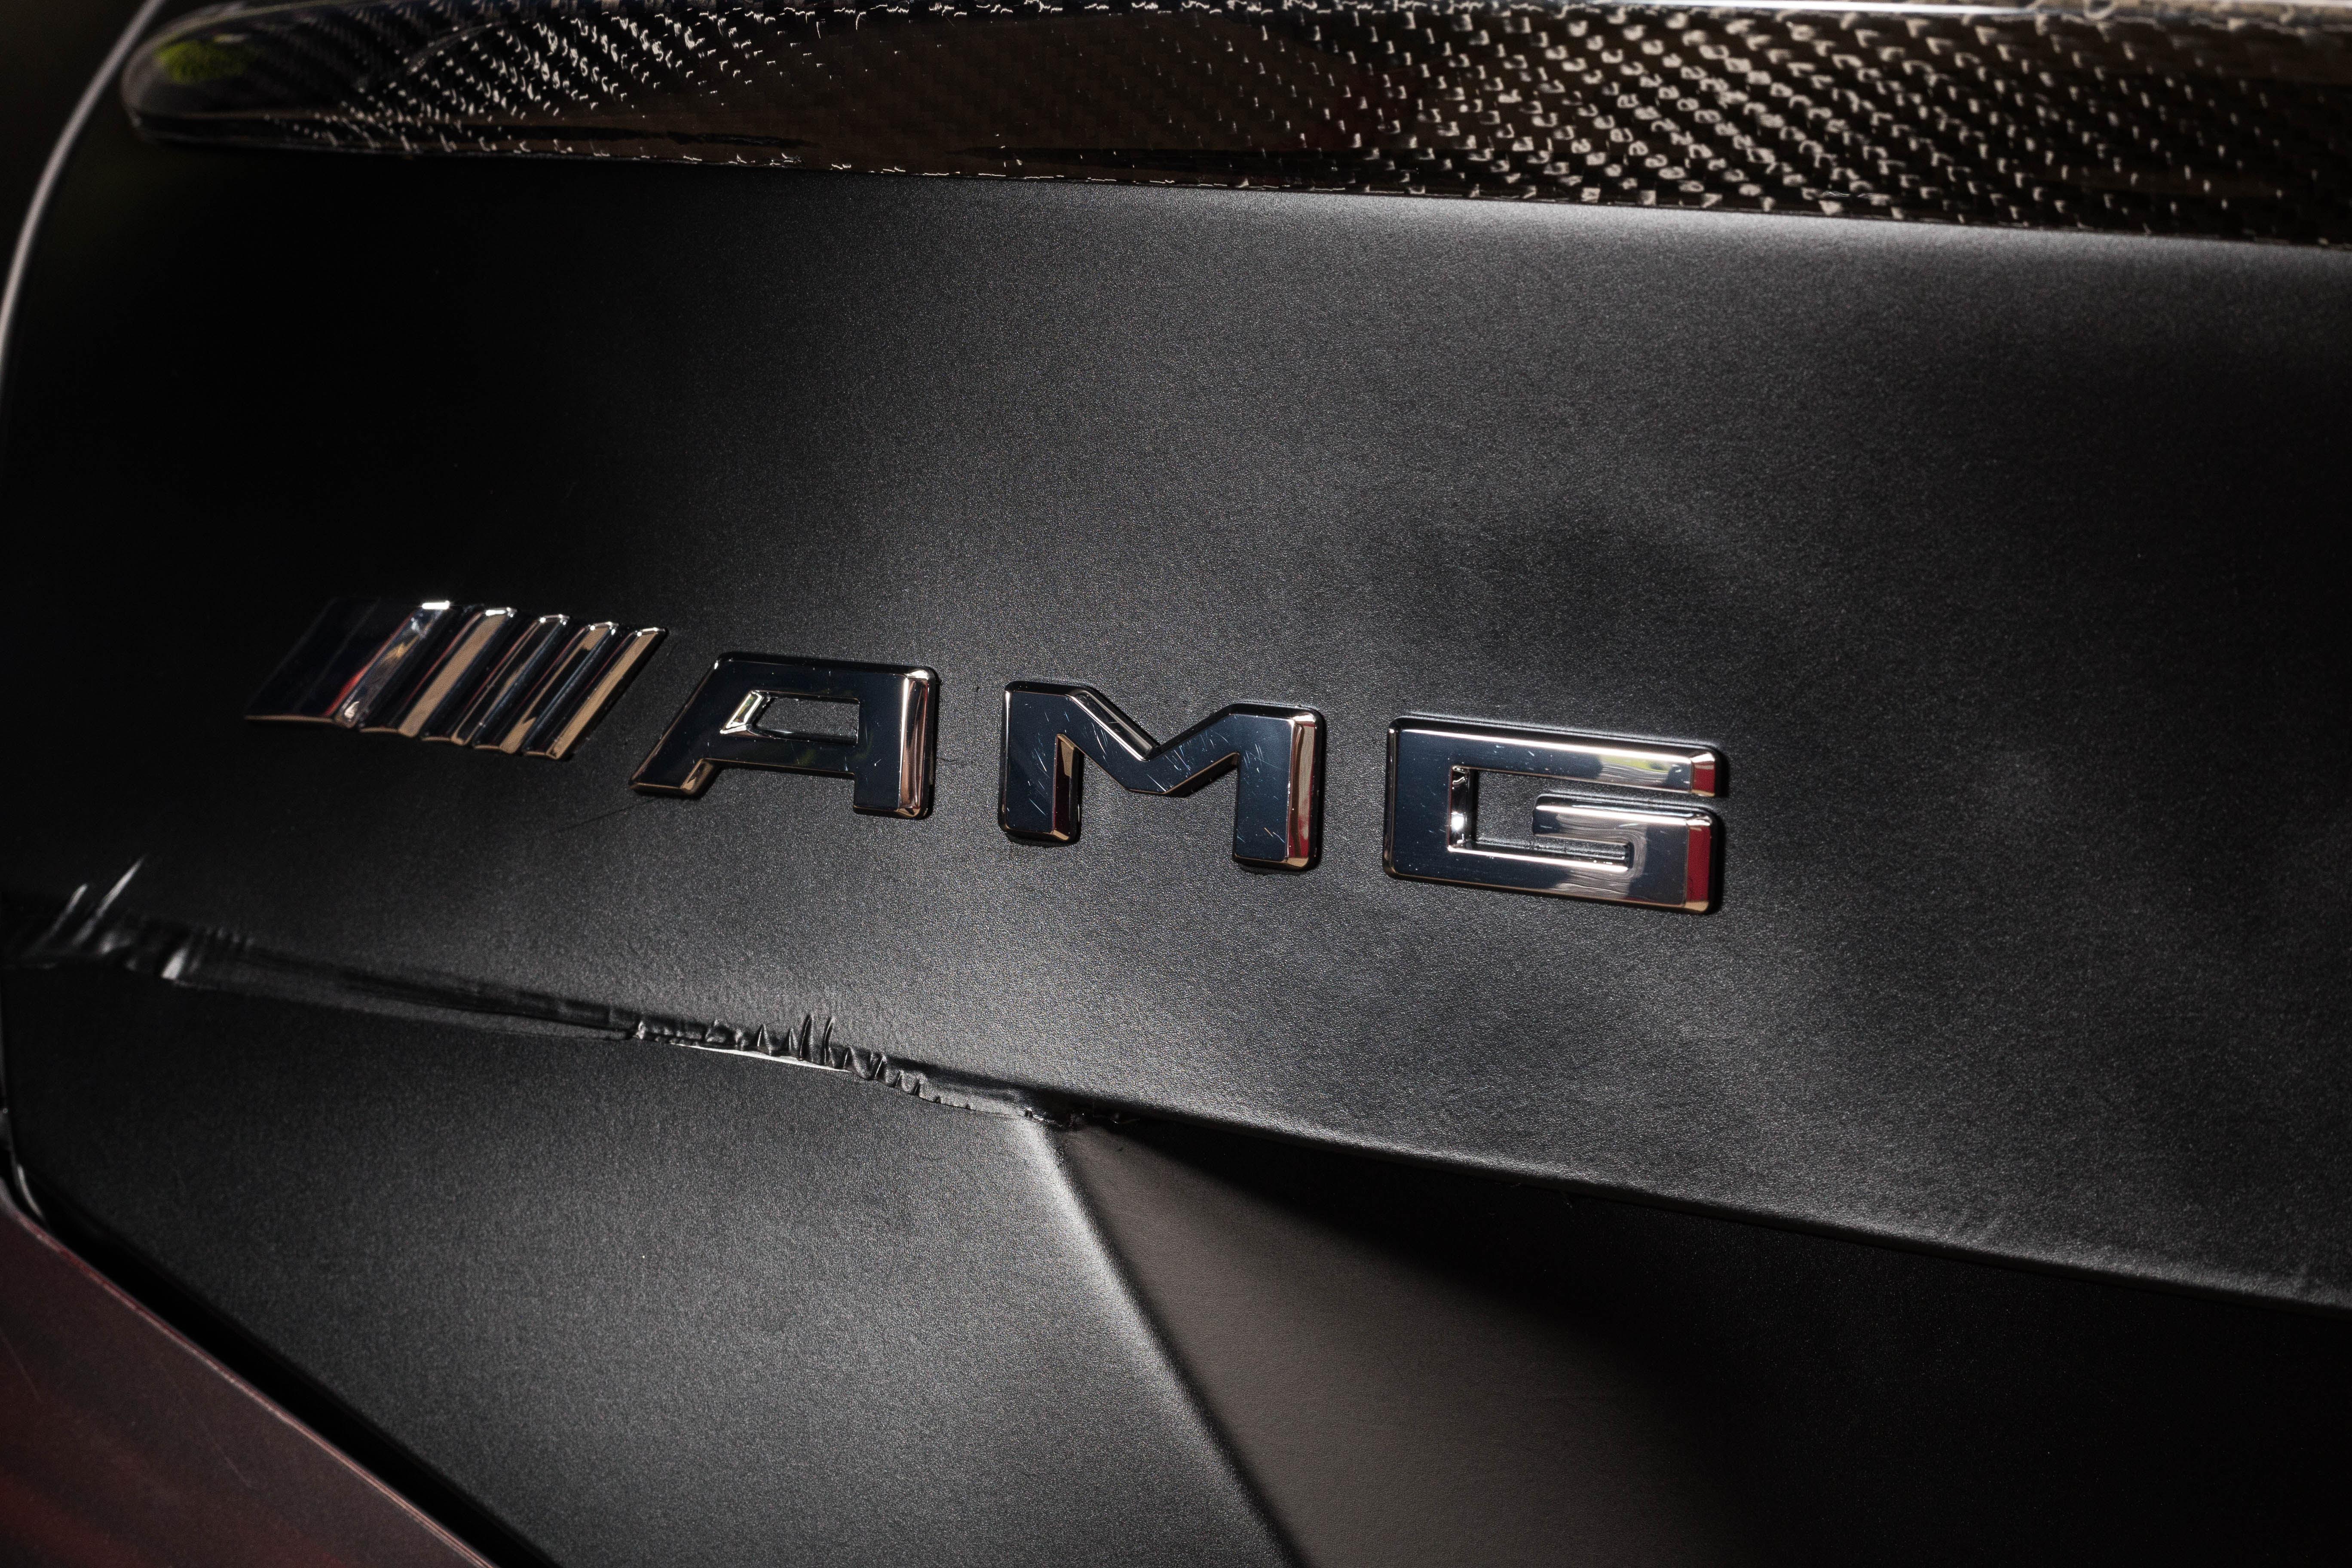 CLA45 AMG 车身贴膜、拉花、轮胎贴字